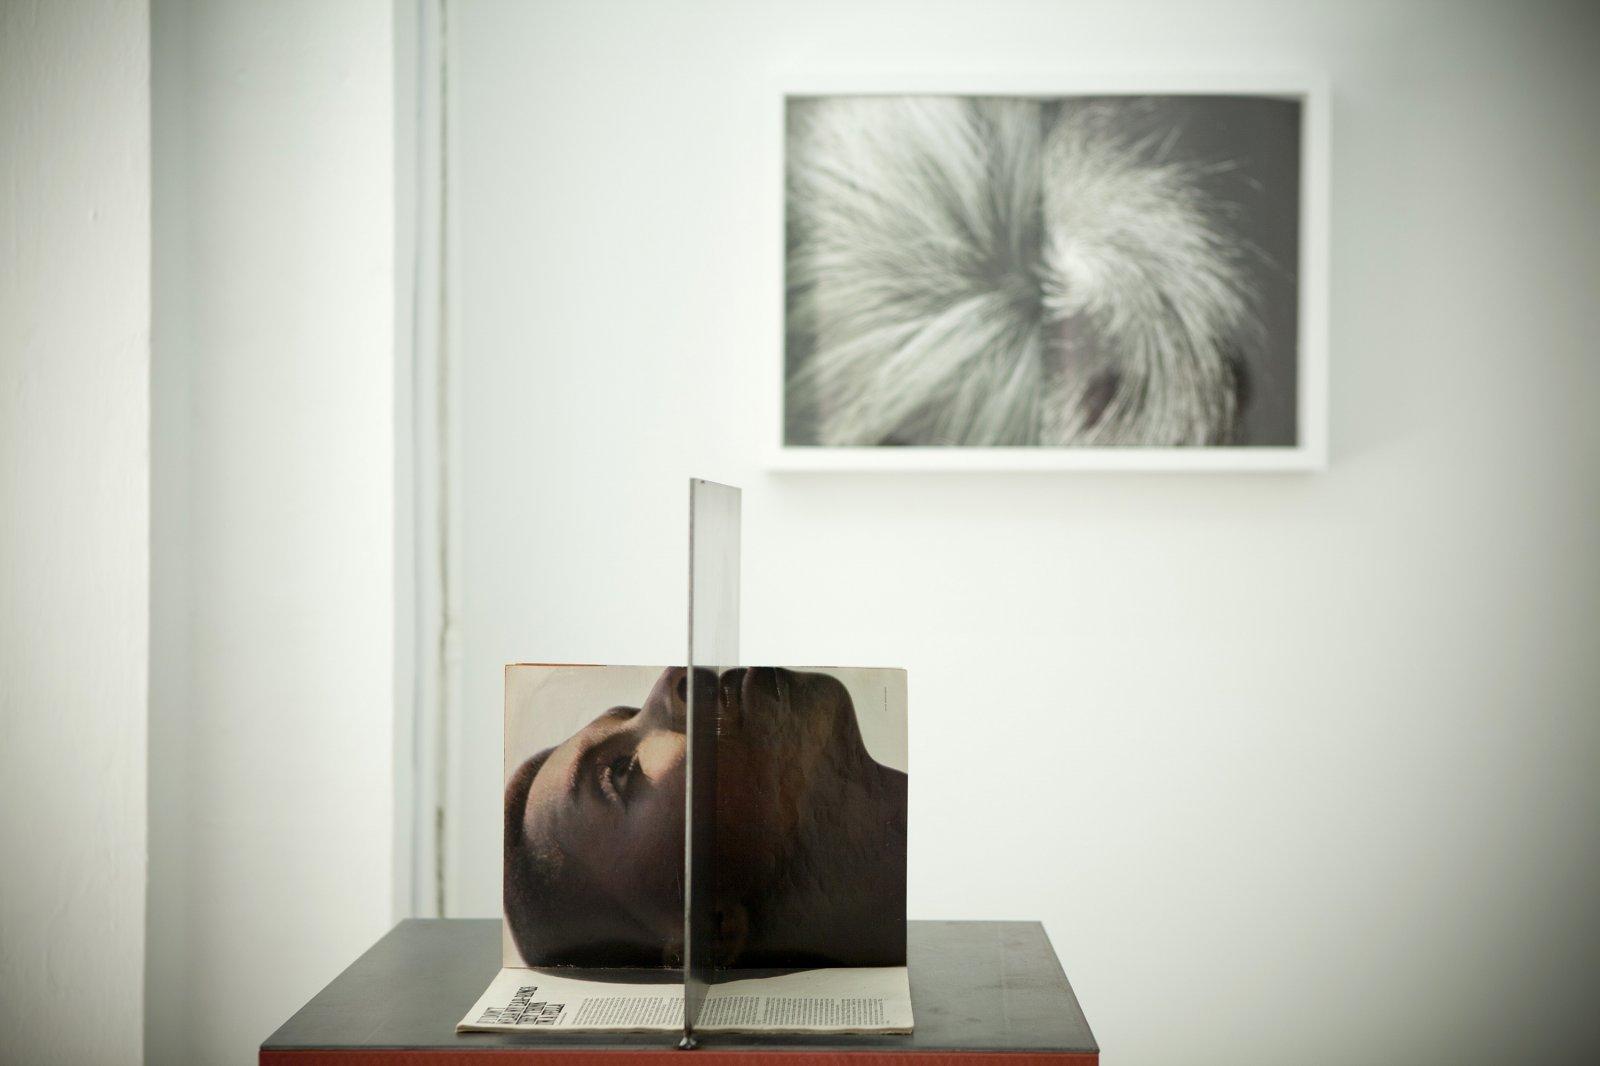 Galería Bacelos. 'Pareidolia'. Obras de June Crespo y Alicia Martín